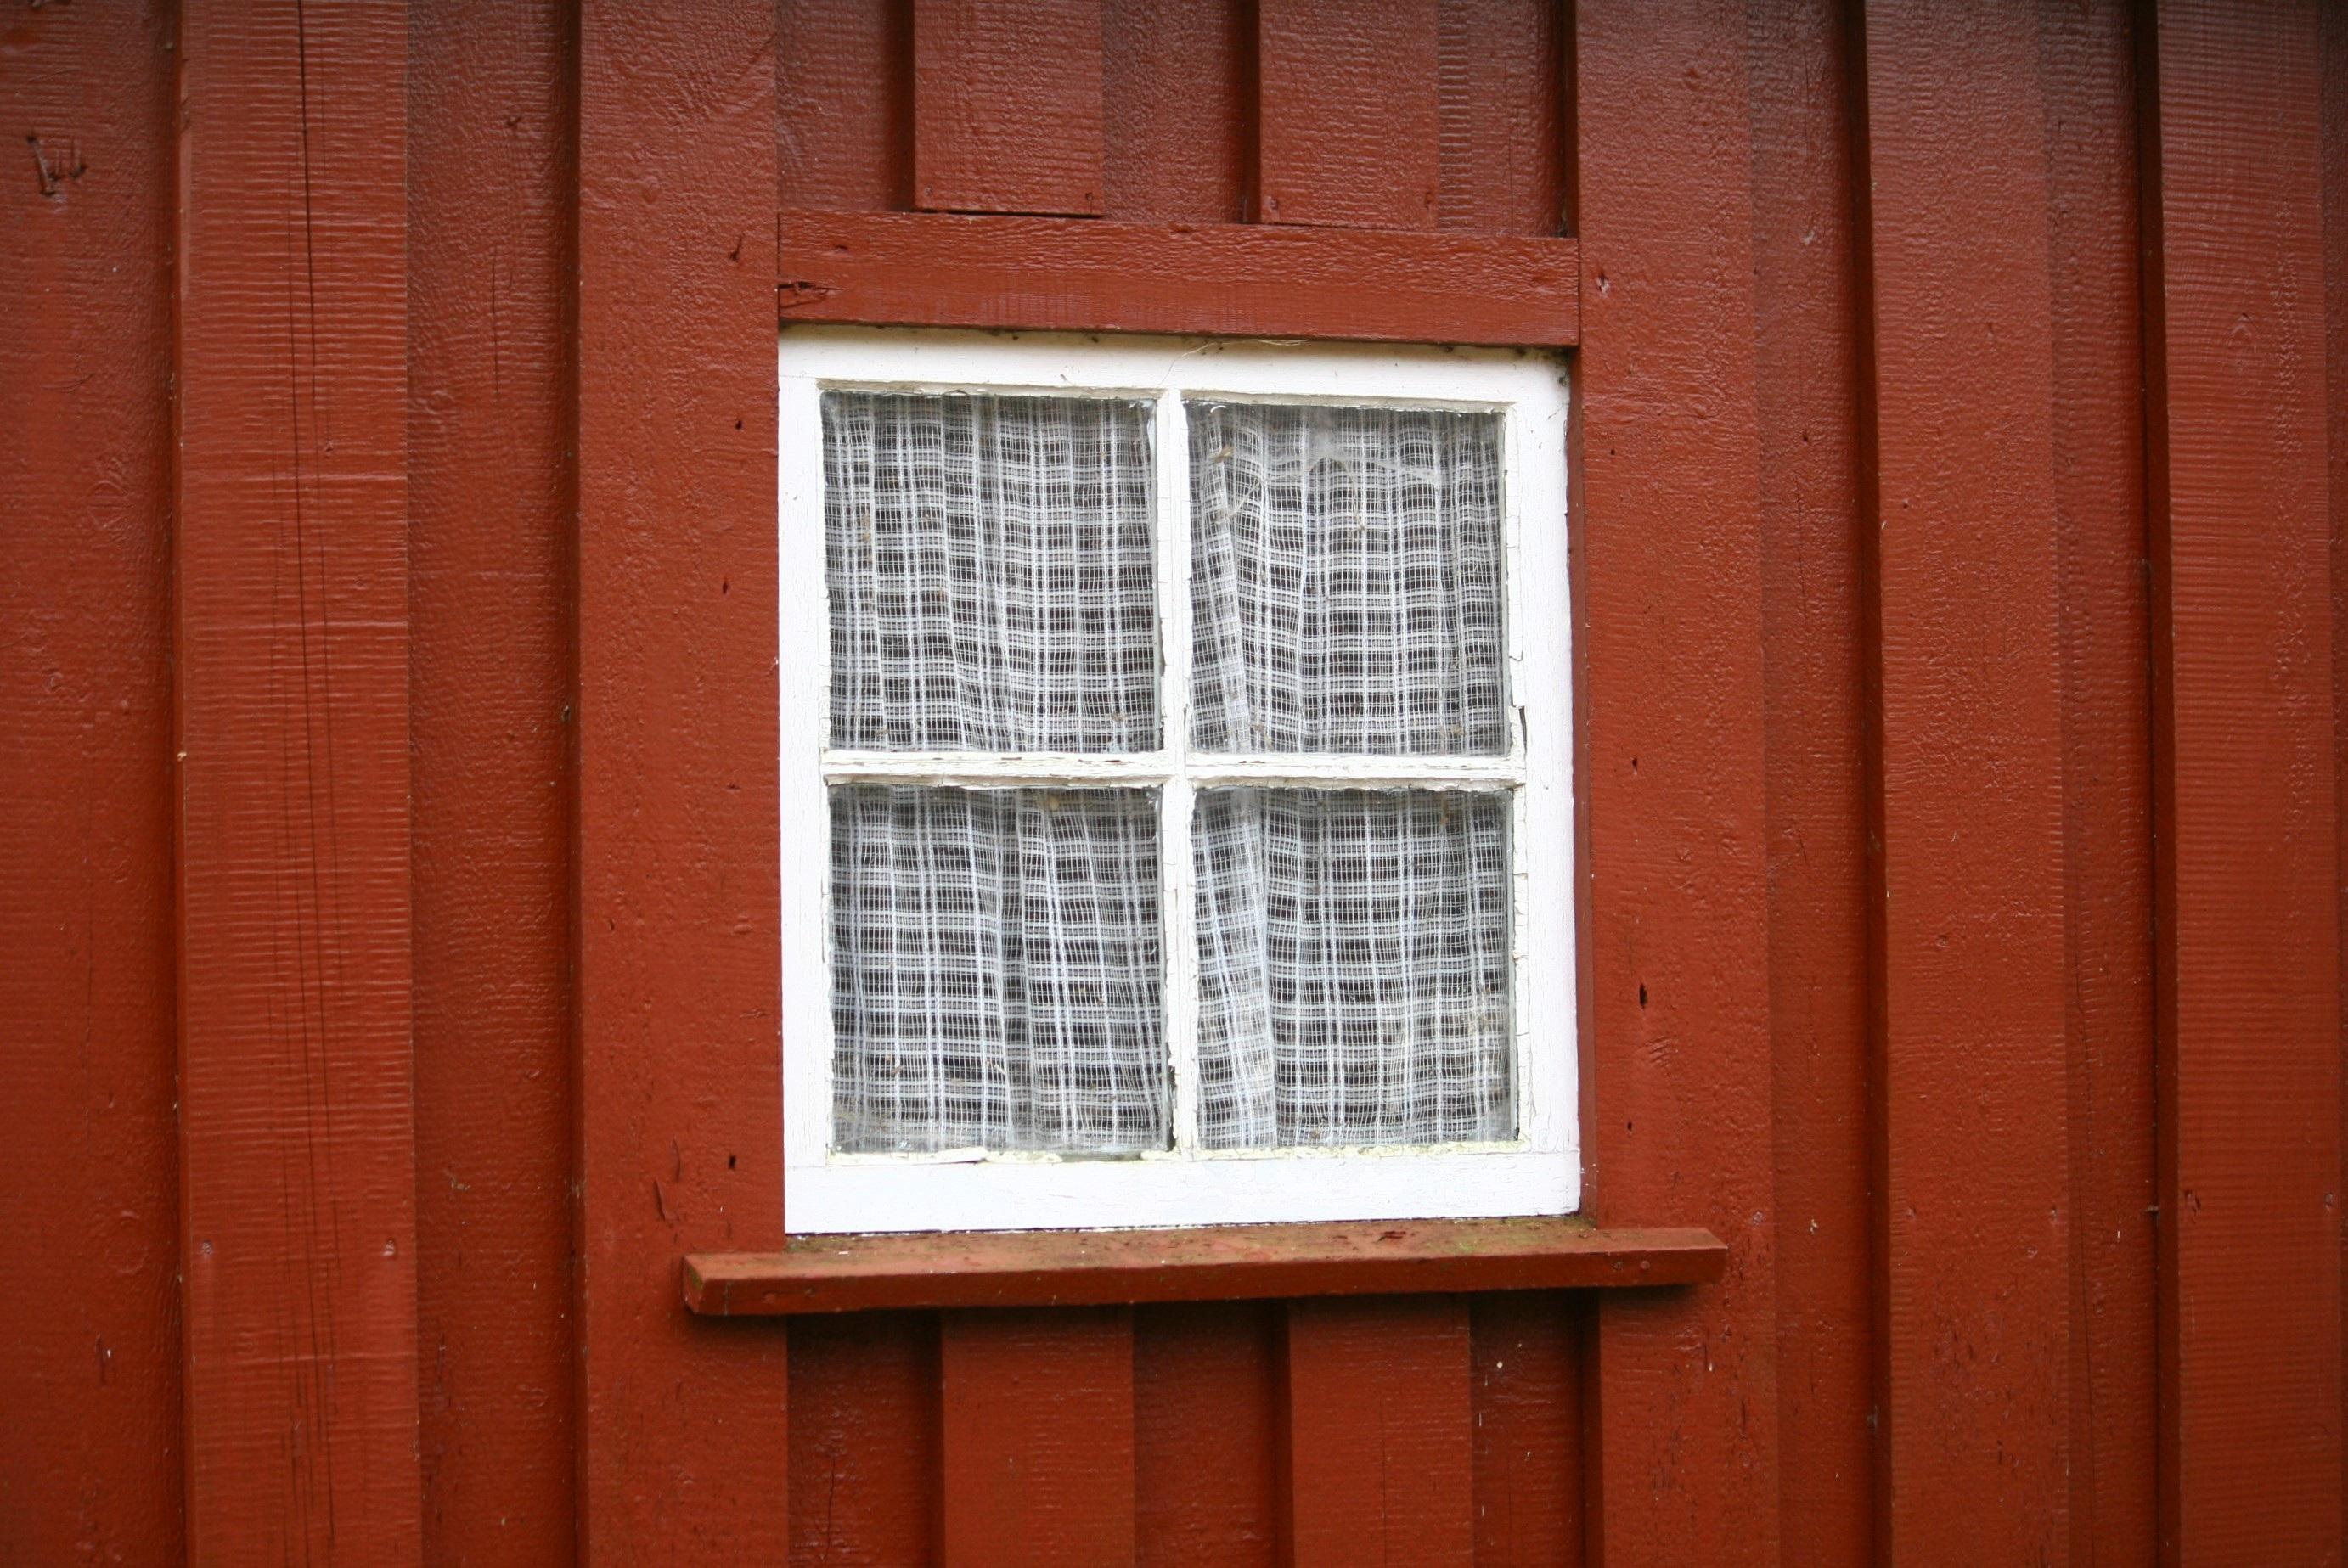 Wood House Window Wall Red Color Facade Brick Lighting Door Wooden Interior Design Old